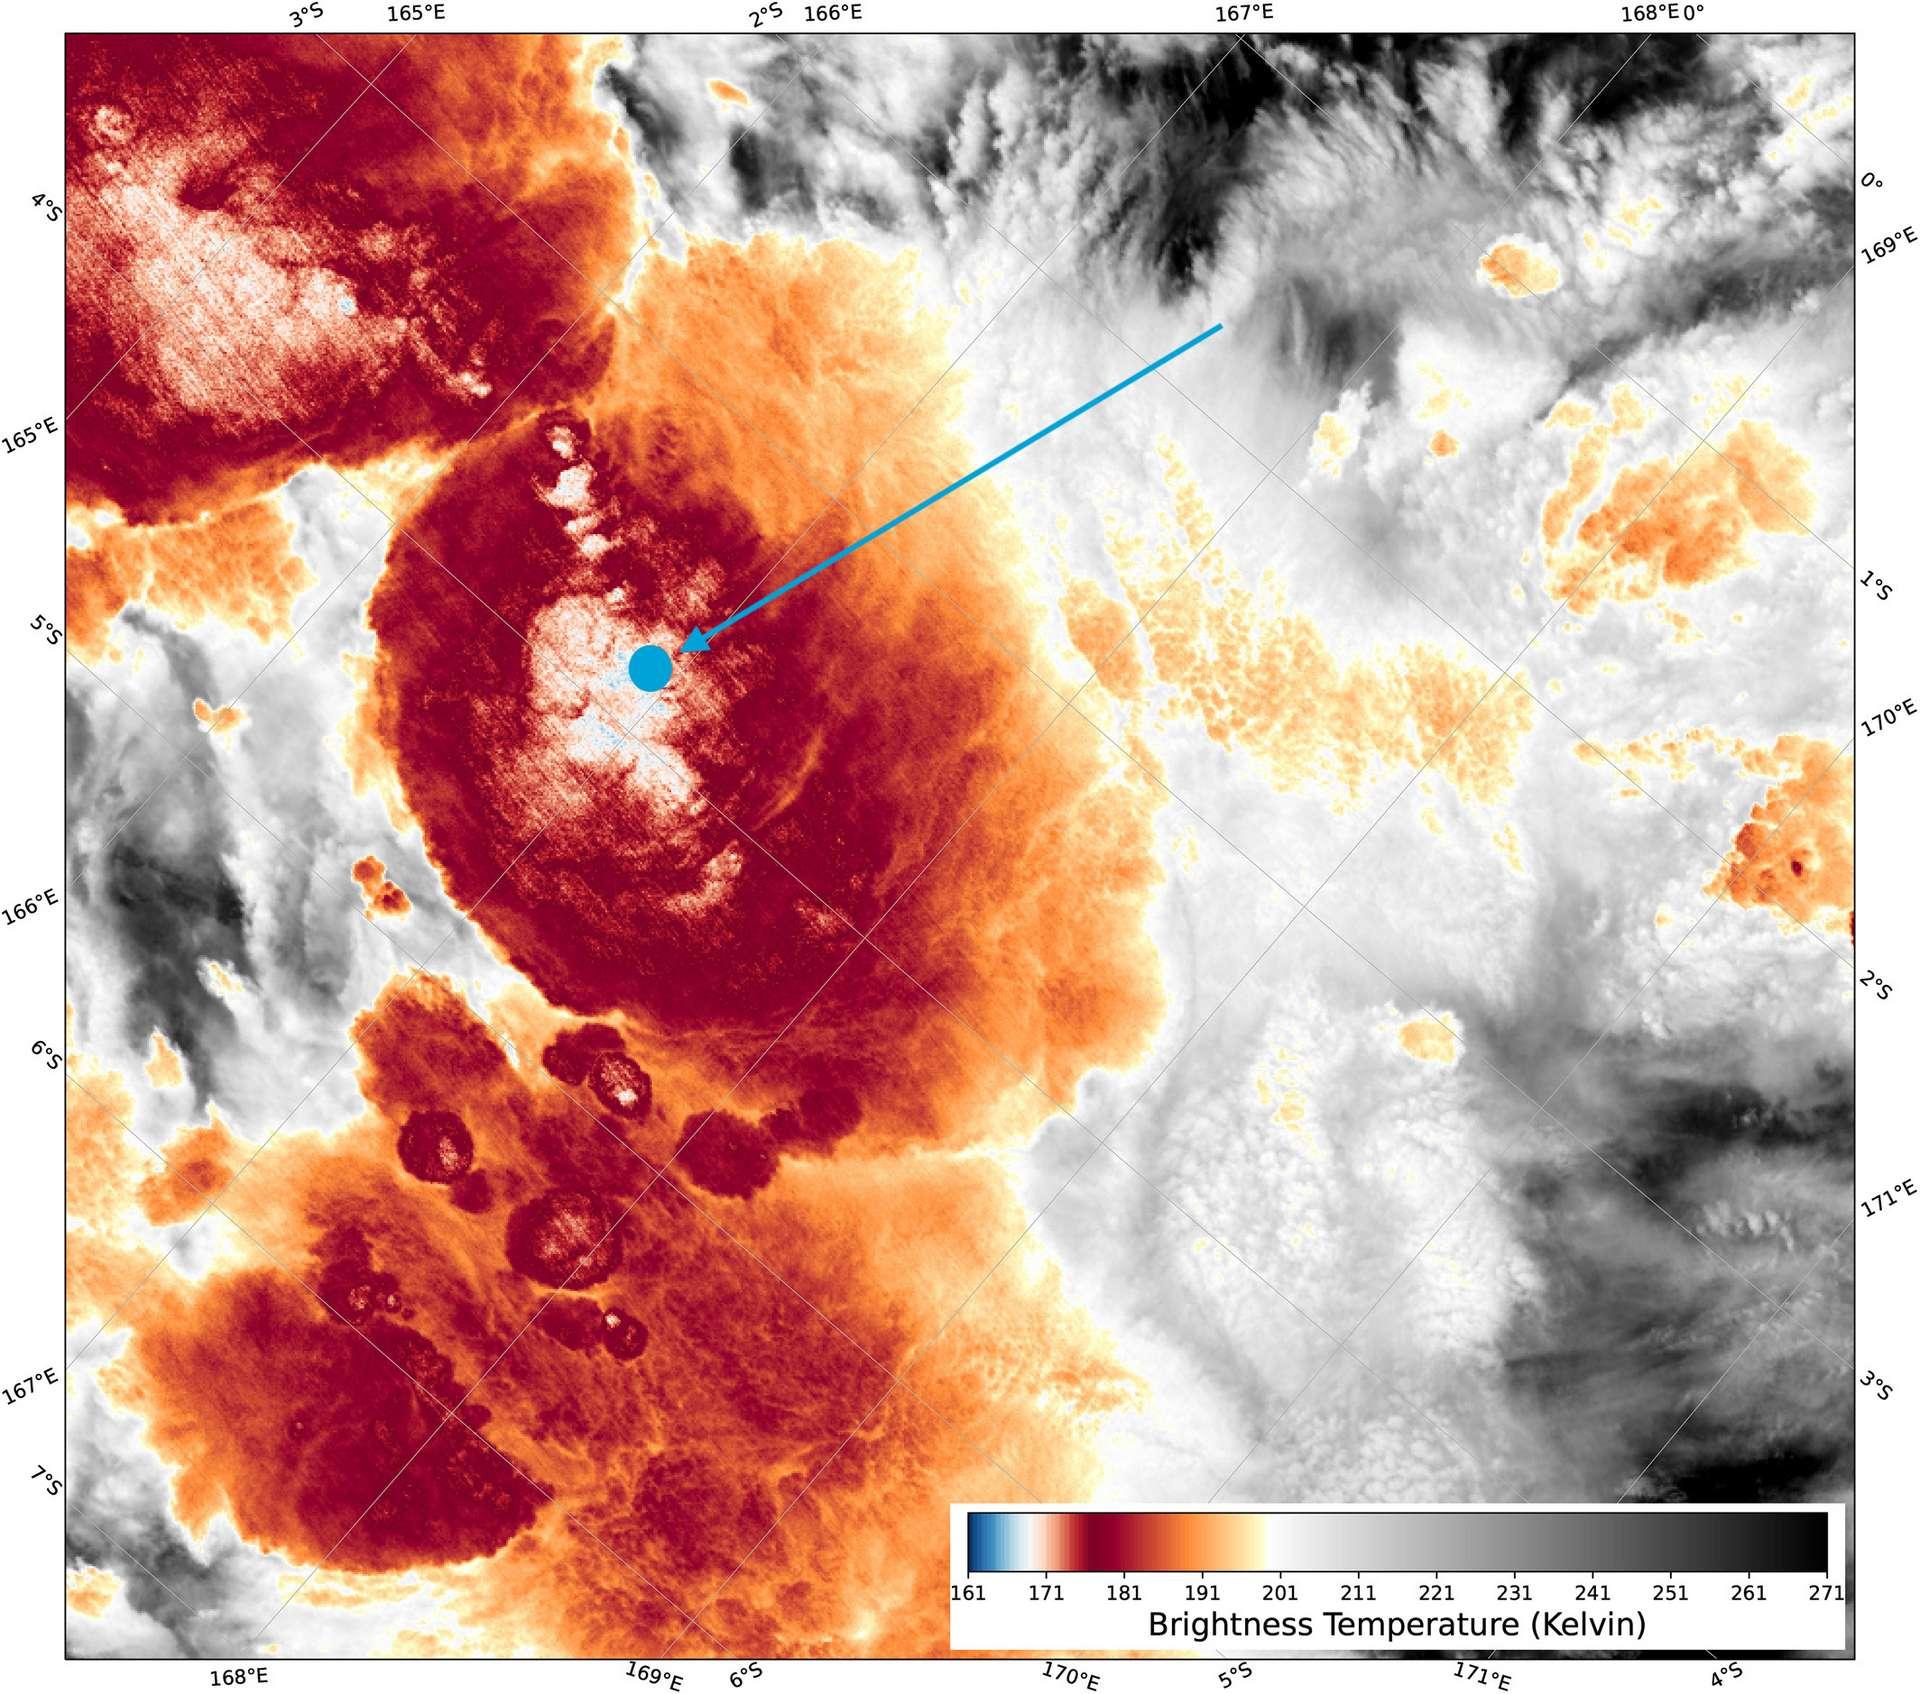 Une température de -111 °C a été enregistrée au cœur d'un nuage orageux le 29 décembre 2018 (point bleu). © Noaa/Viirs/S.Proud/Université d'Oxford